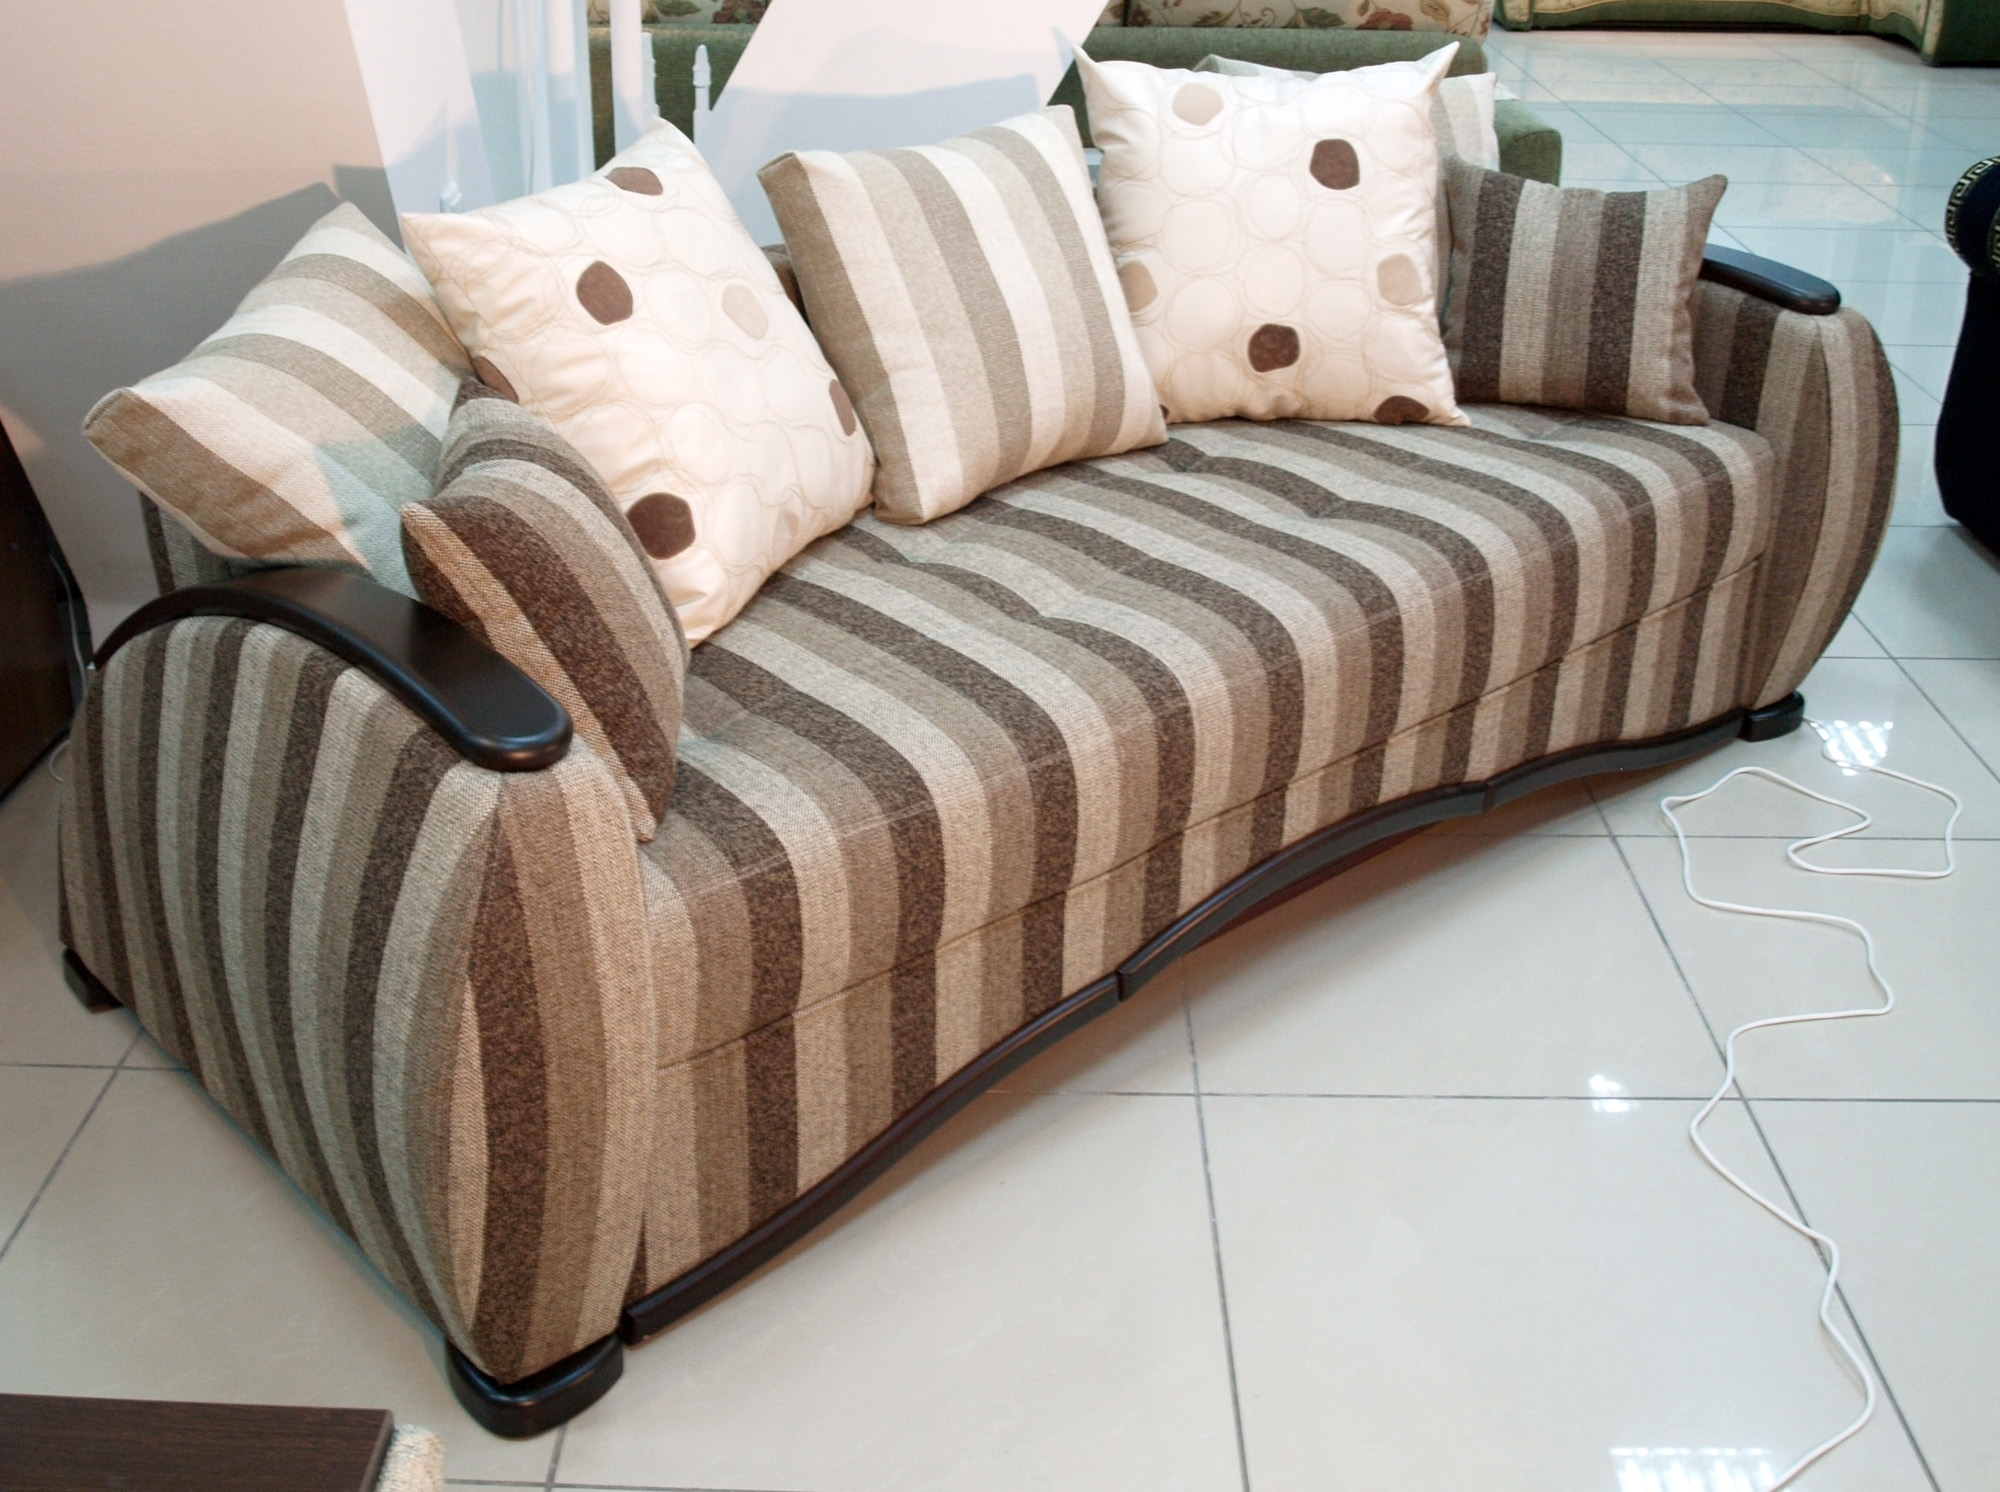 угловые диваны - каталог и цены | витебск, минск, орша | савлуков-мебель